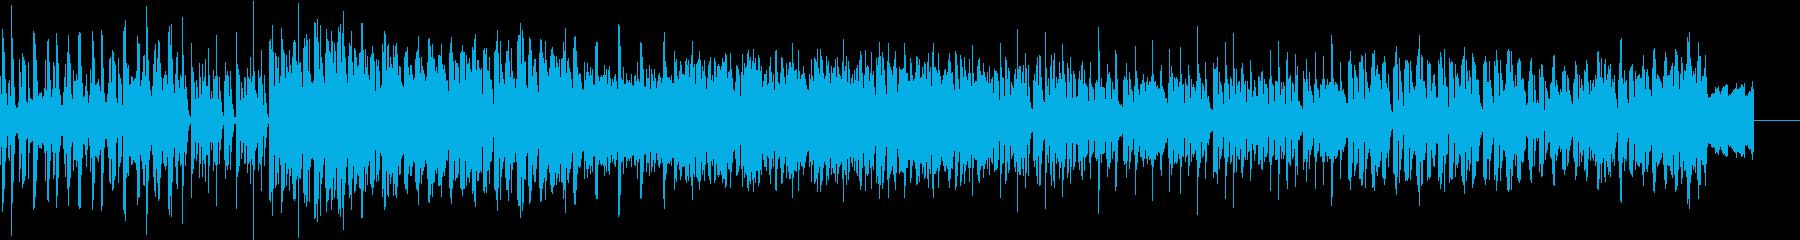 トレーニング 研修 会社紹介 ハウスの再生済みの波形